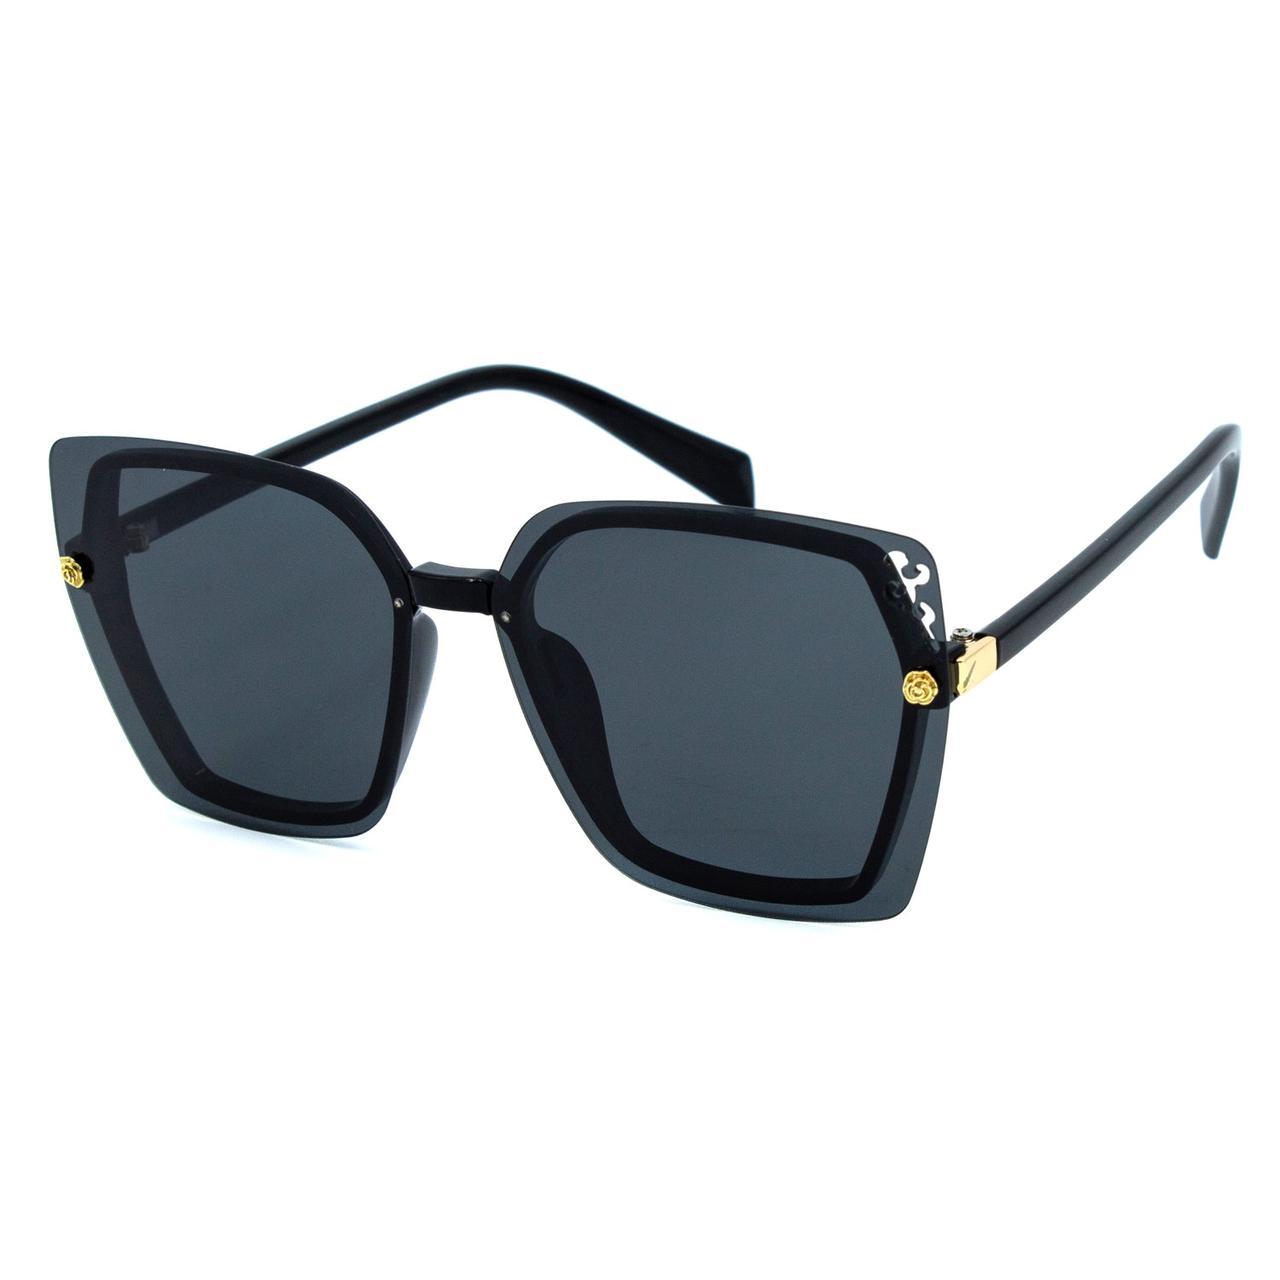 Сонцезахисні окуляри Marmilen TR-90 9956 C1 ( 9956S-01 )